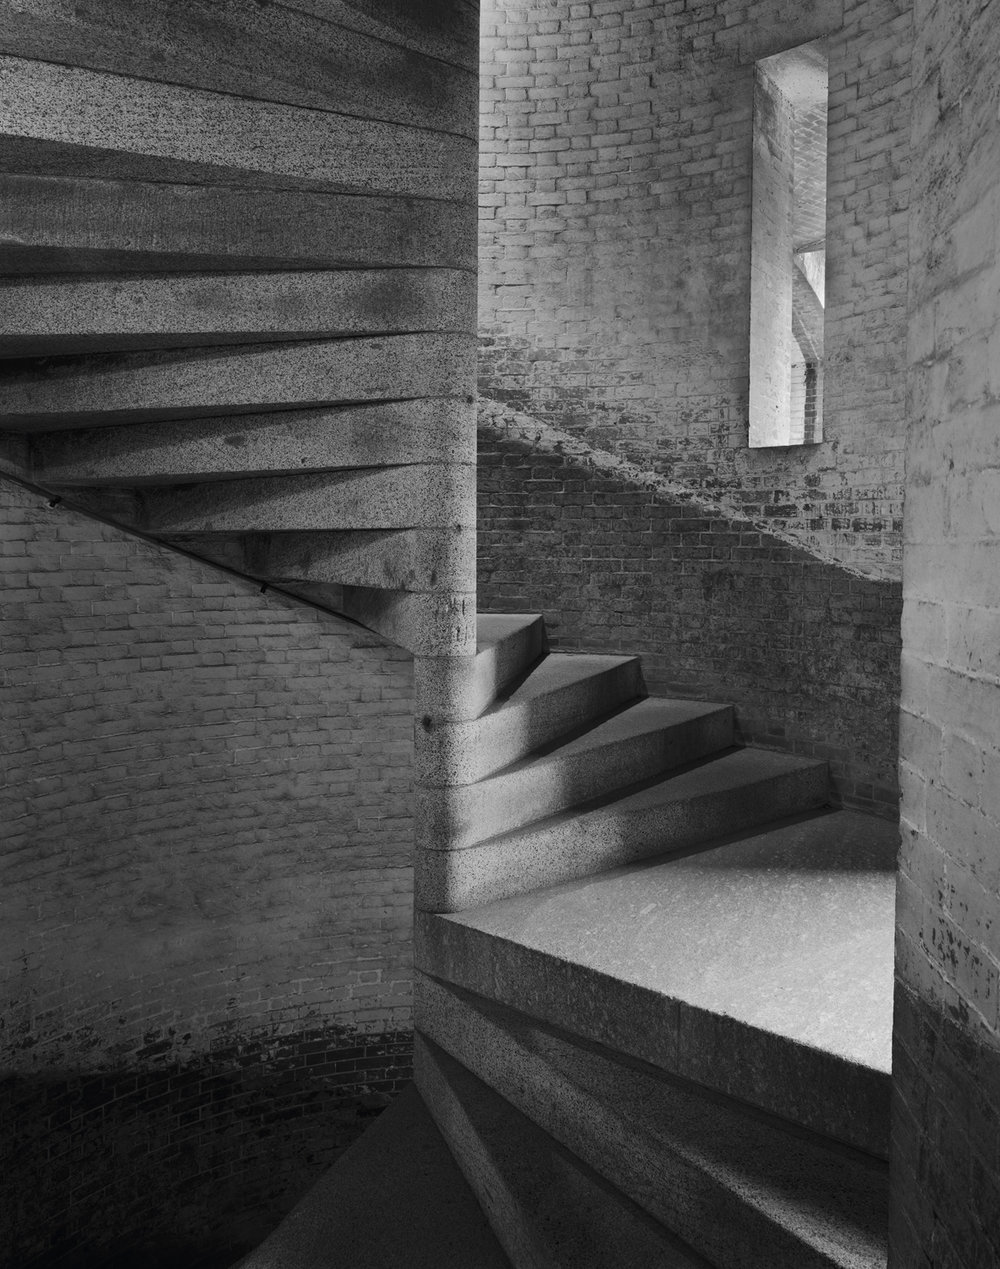 1160929 Stairs f32 5 min N-2 8x6 Print File.jpg